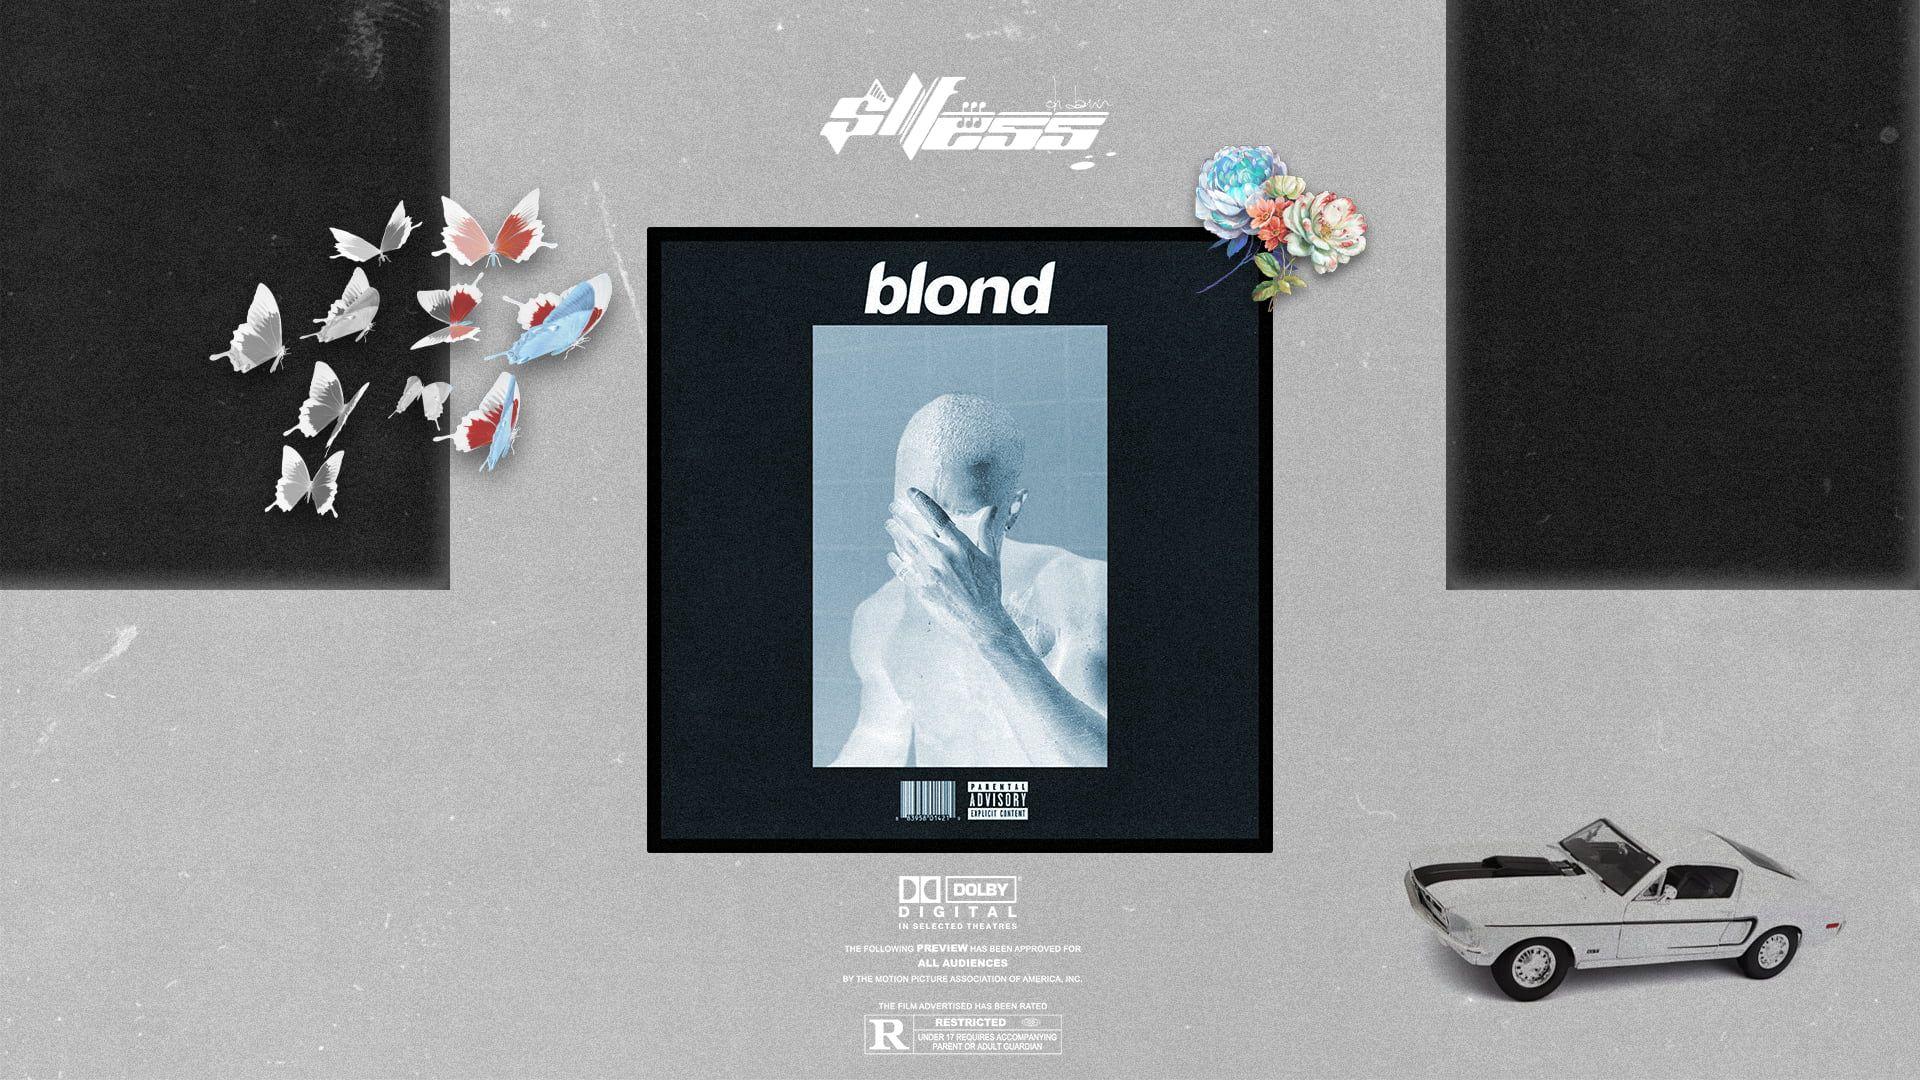 Frank Ocean Blondie Music Albums Cover Art 1080p Wallpaper Hdwallpaper Desktop In 2020 Cover Art Frank Ocean Wallpaper Pink Floyd Wallpaper